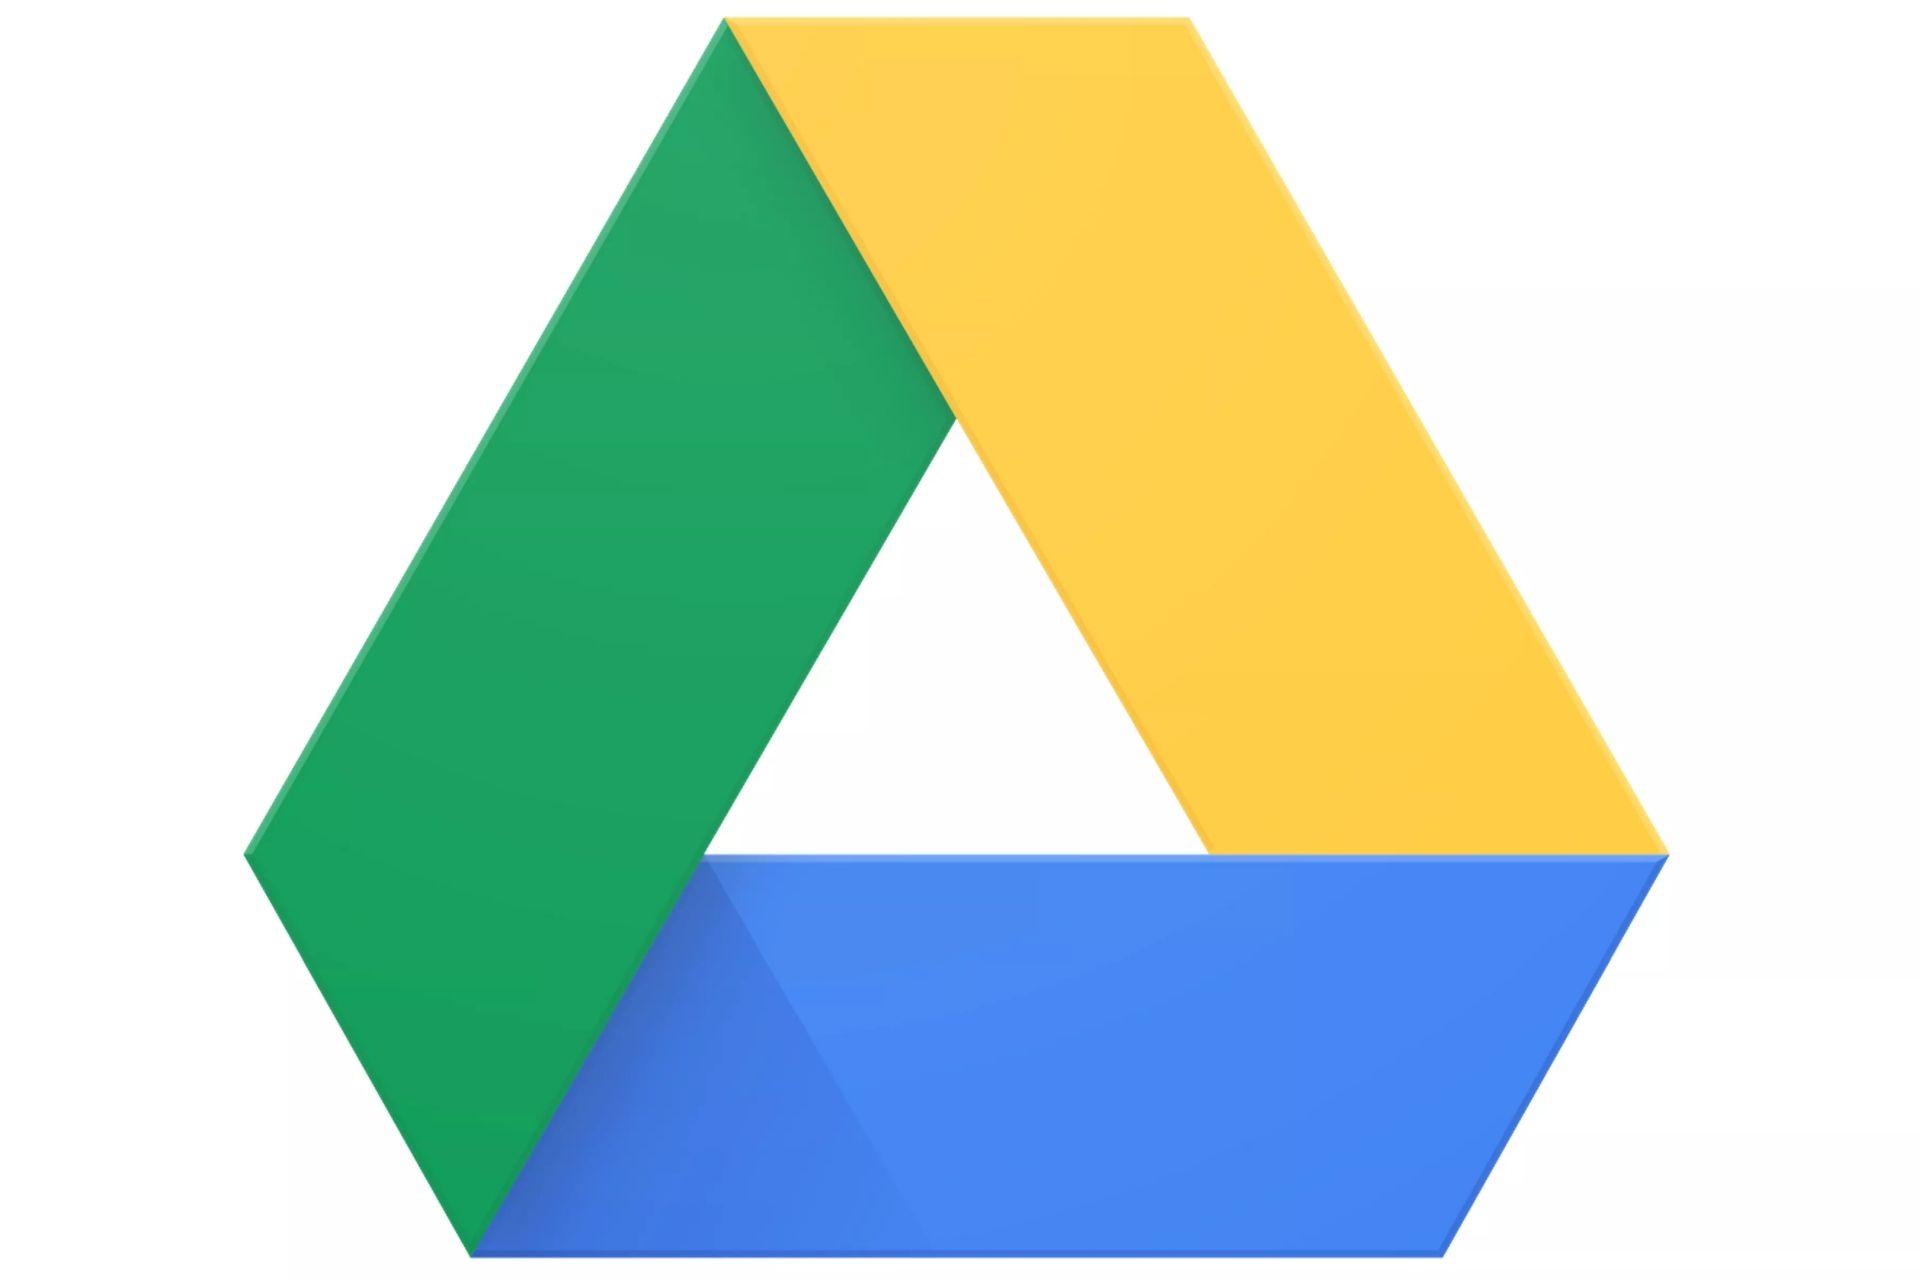 Aplikacja Dysk Google dla systemu iOS wspiera Face ID i Touch ID